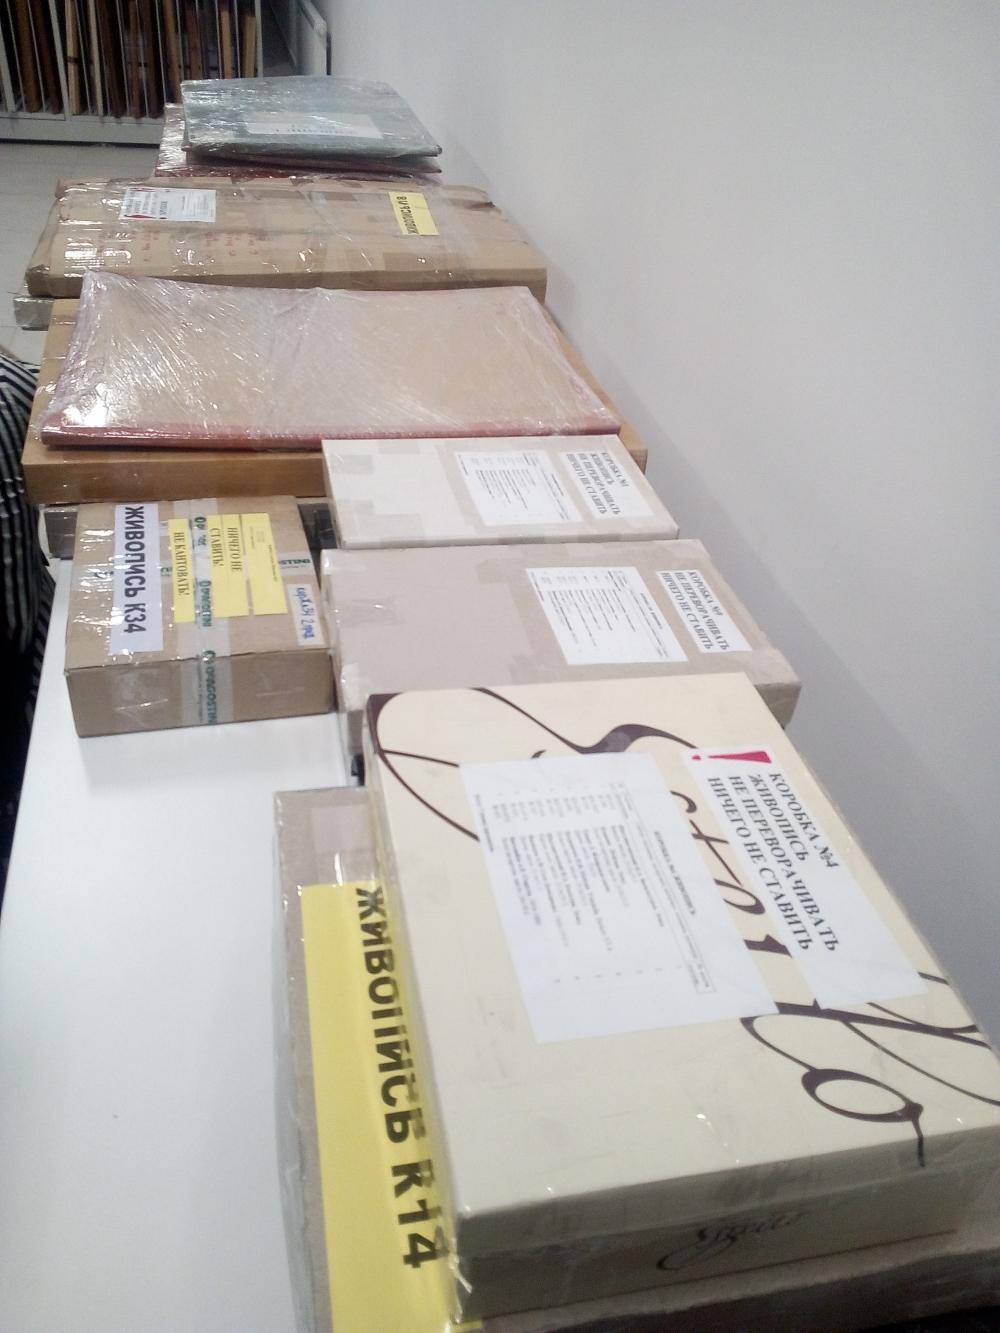 Небольшая часть экспонатов перевезена, но ещё даже не распакована.